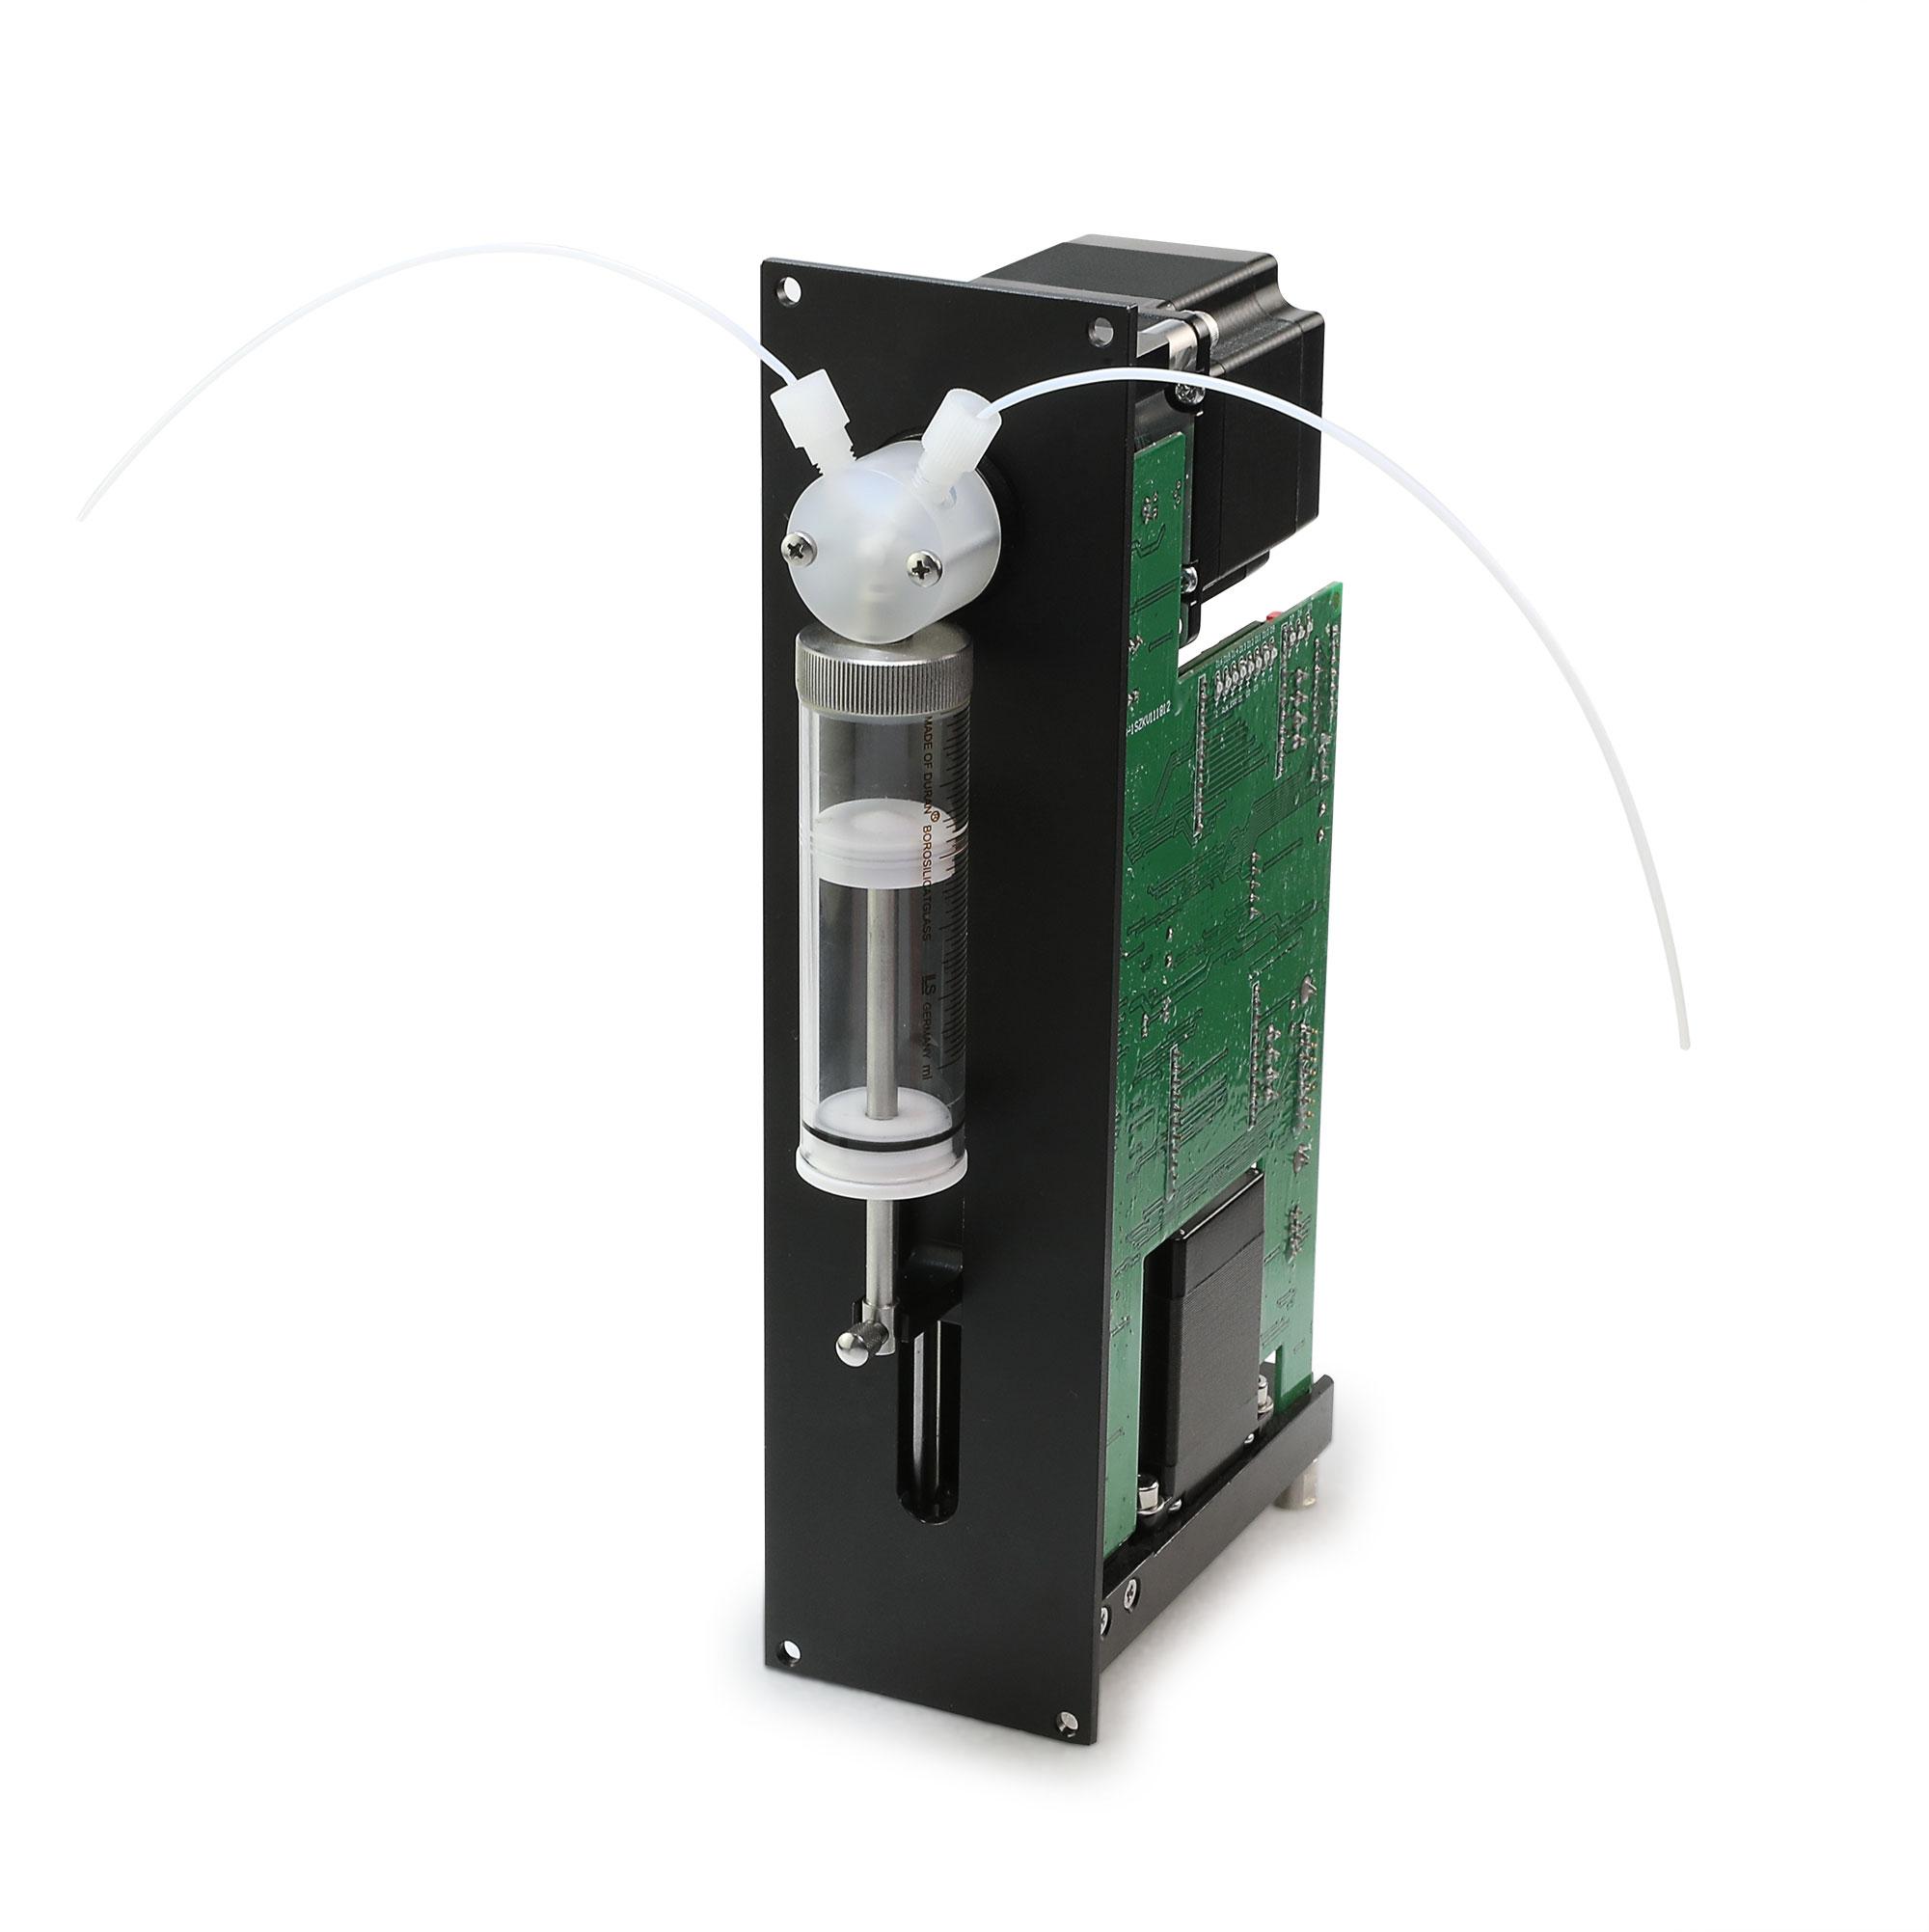 工业注射泵G6060-1S